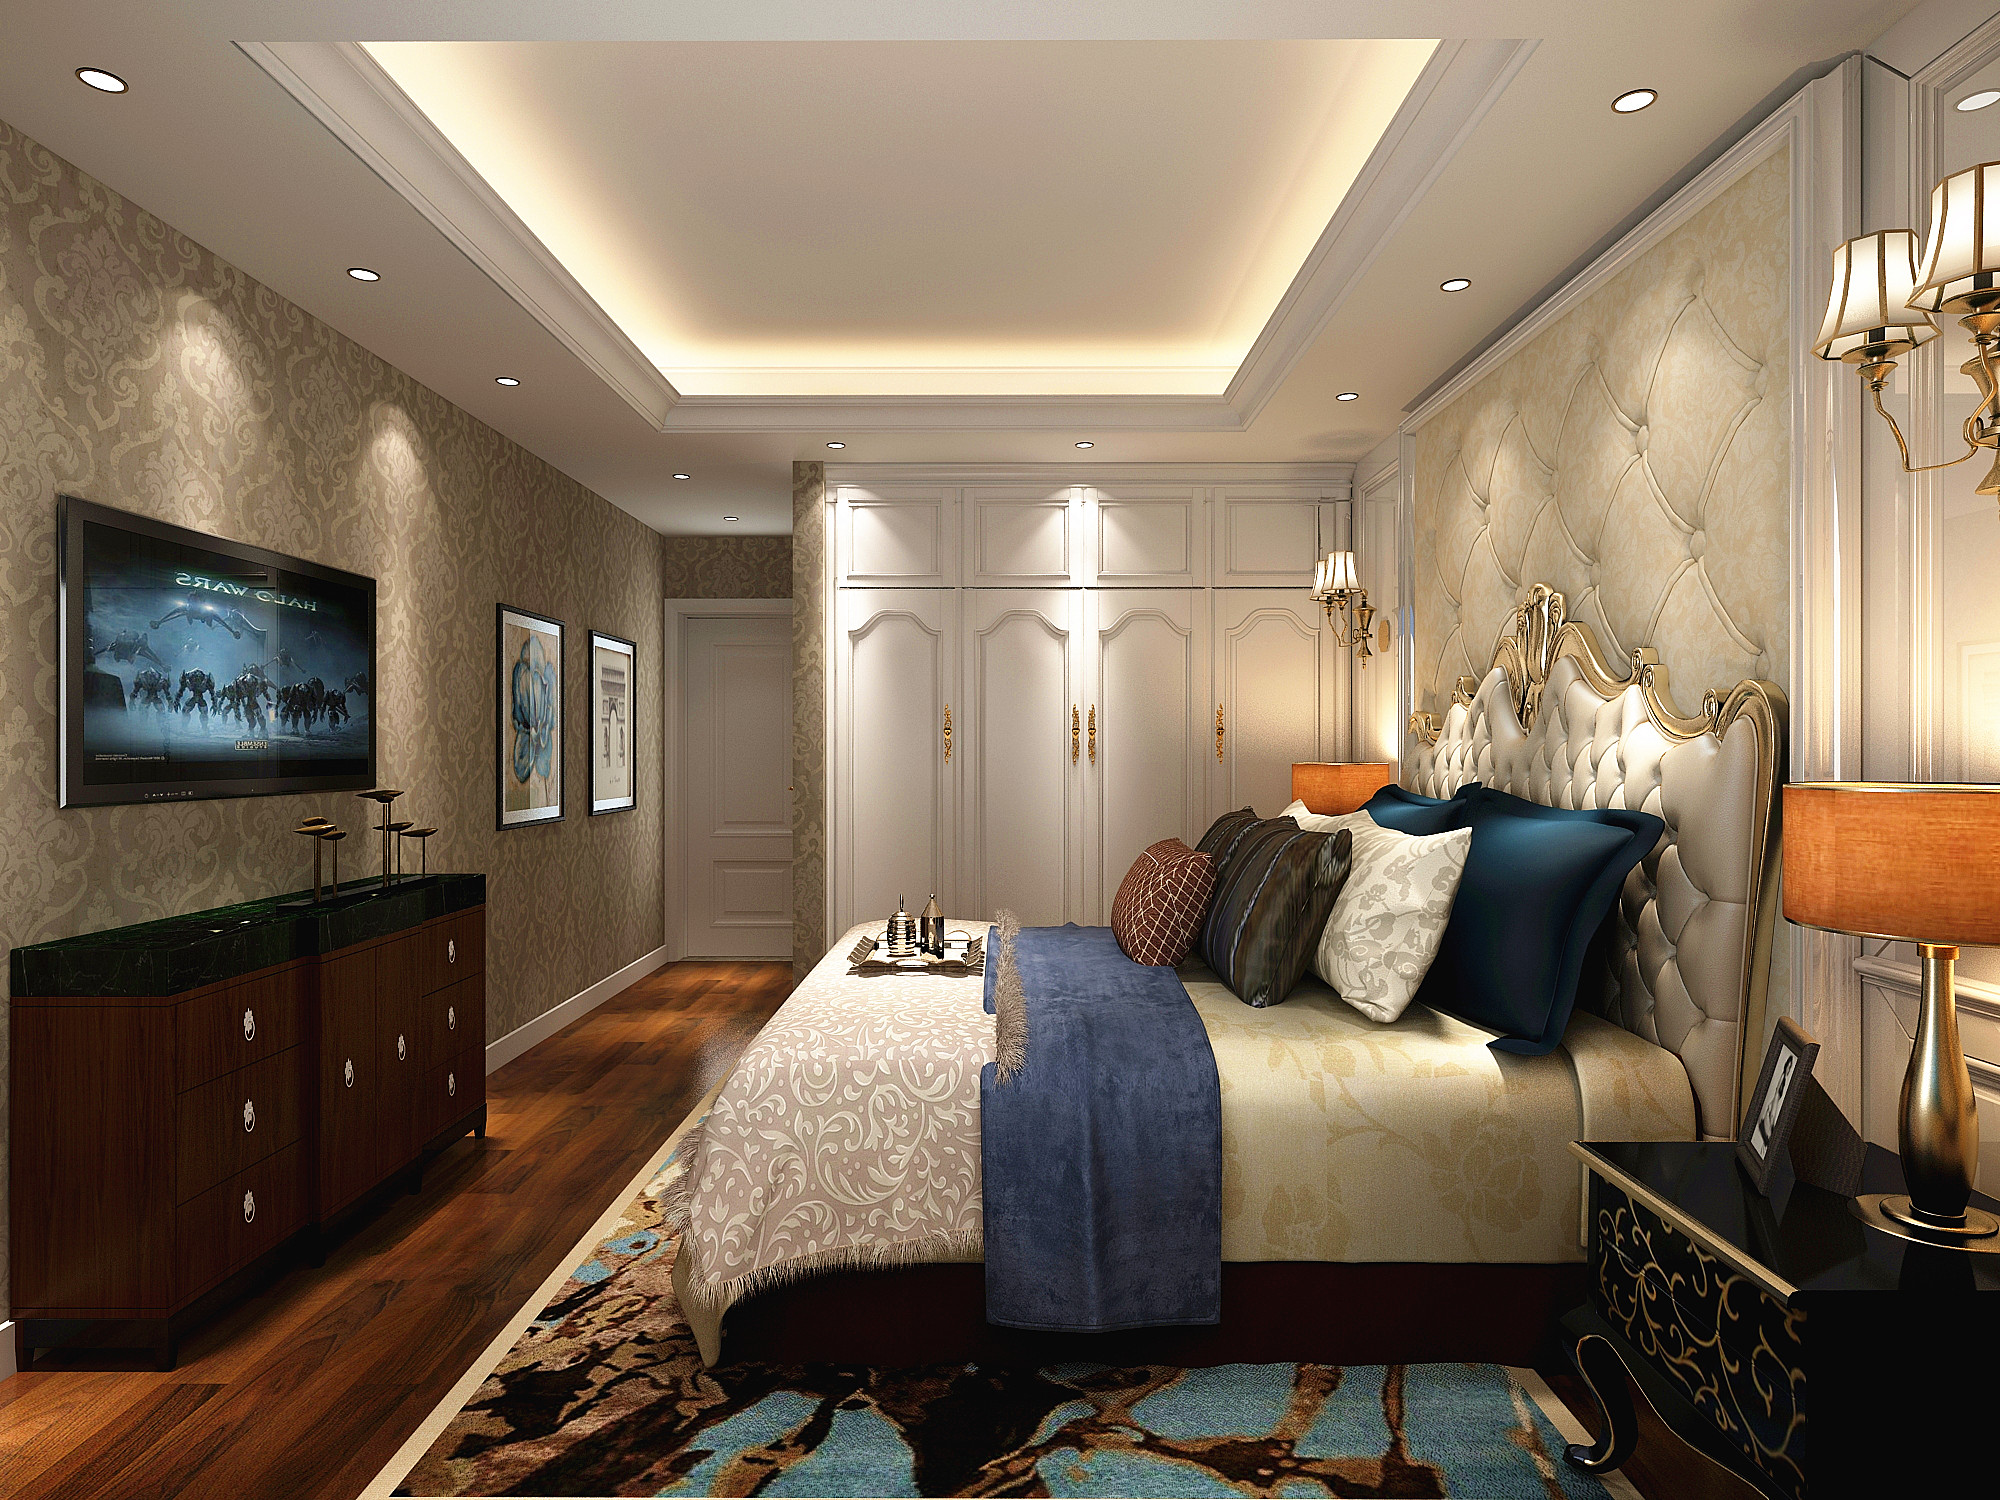 豪华欧式装修卧室背景墙图片